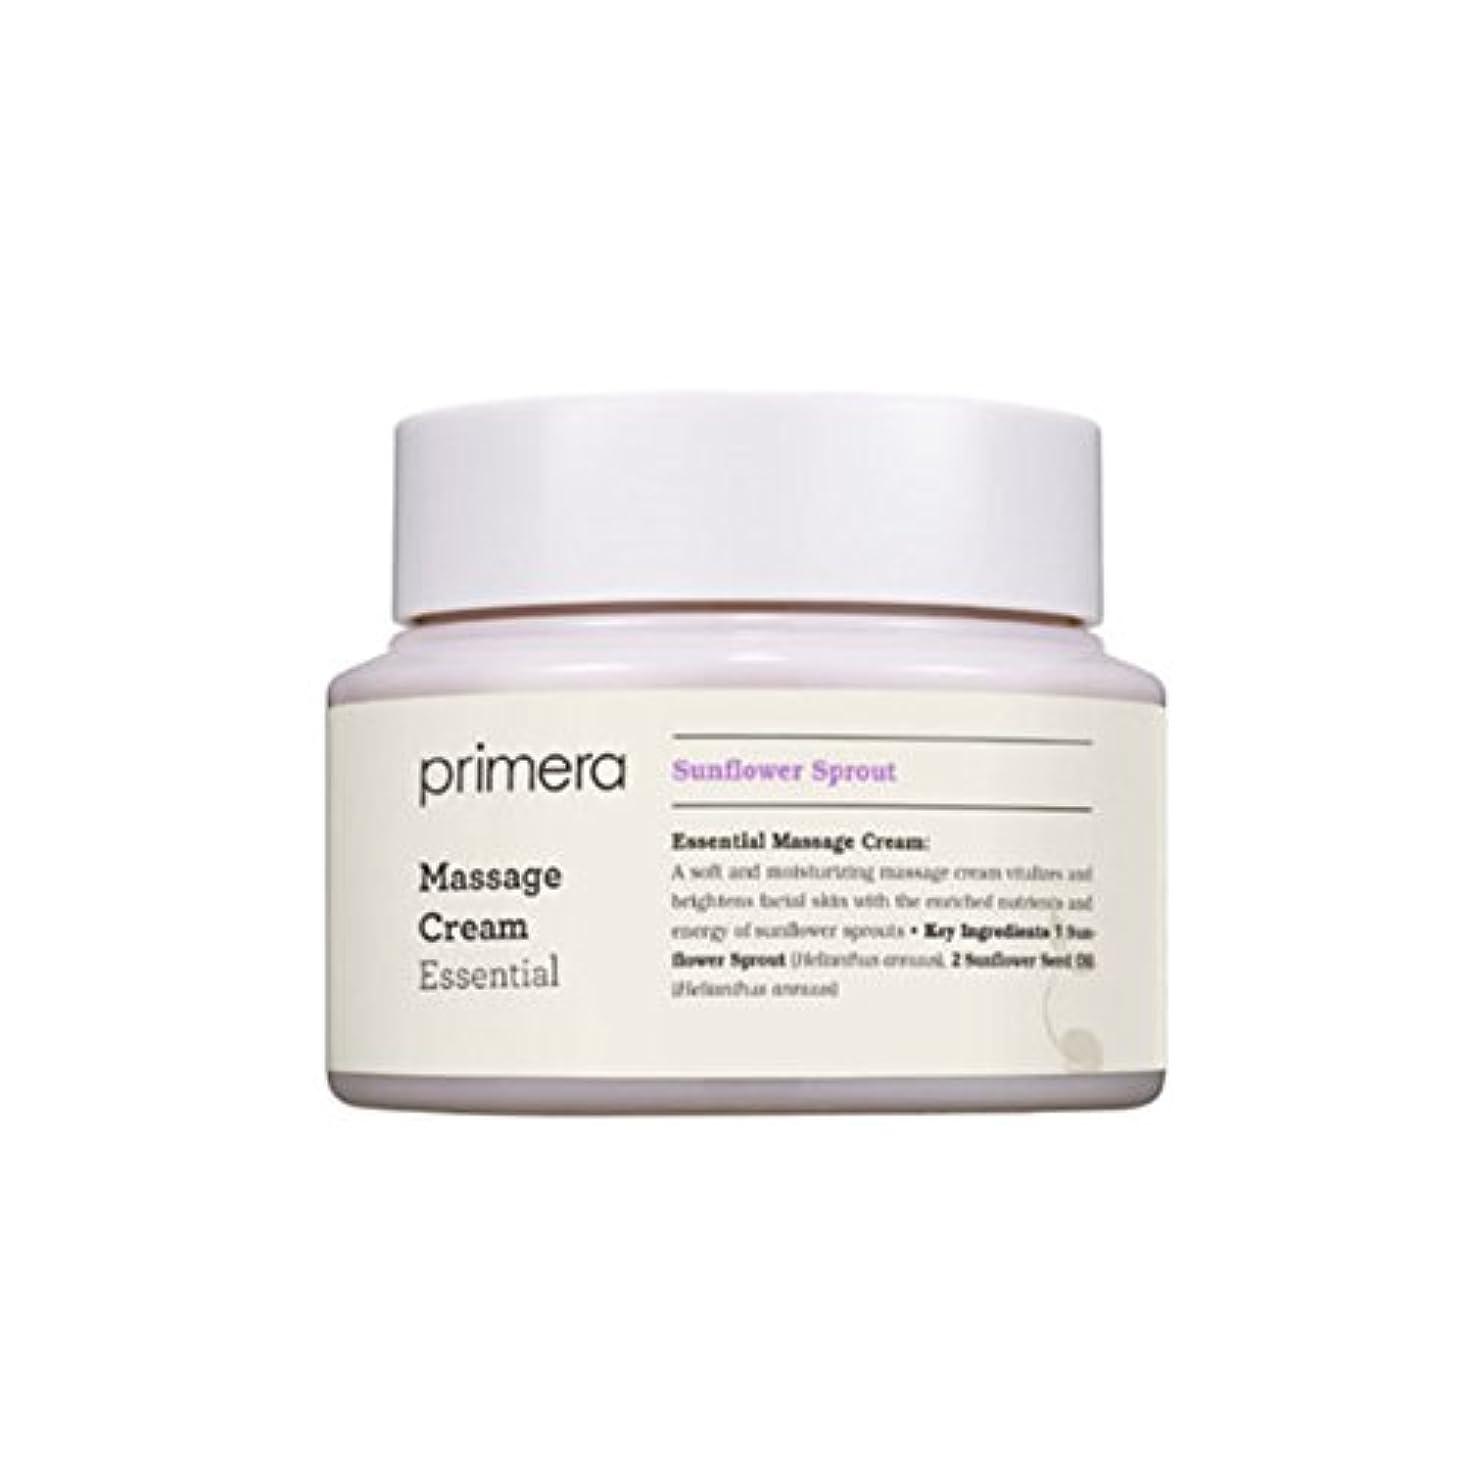 あえて画家どうしたの(プリメーラ) PRIMERA エッセンシャルマッサージ クリーム Essential Massage Cream (韓国直発送) oopspanda